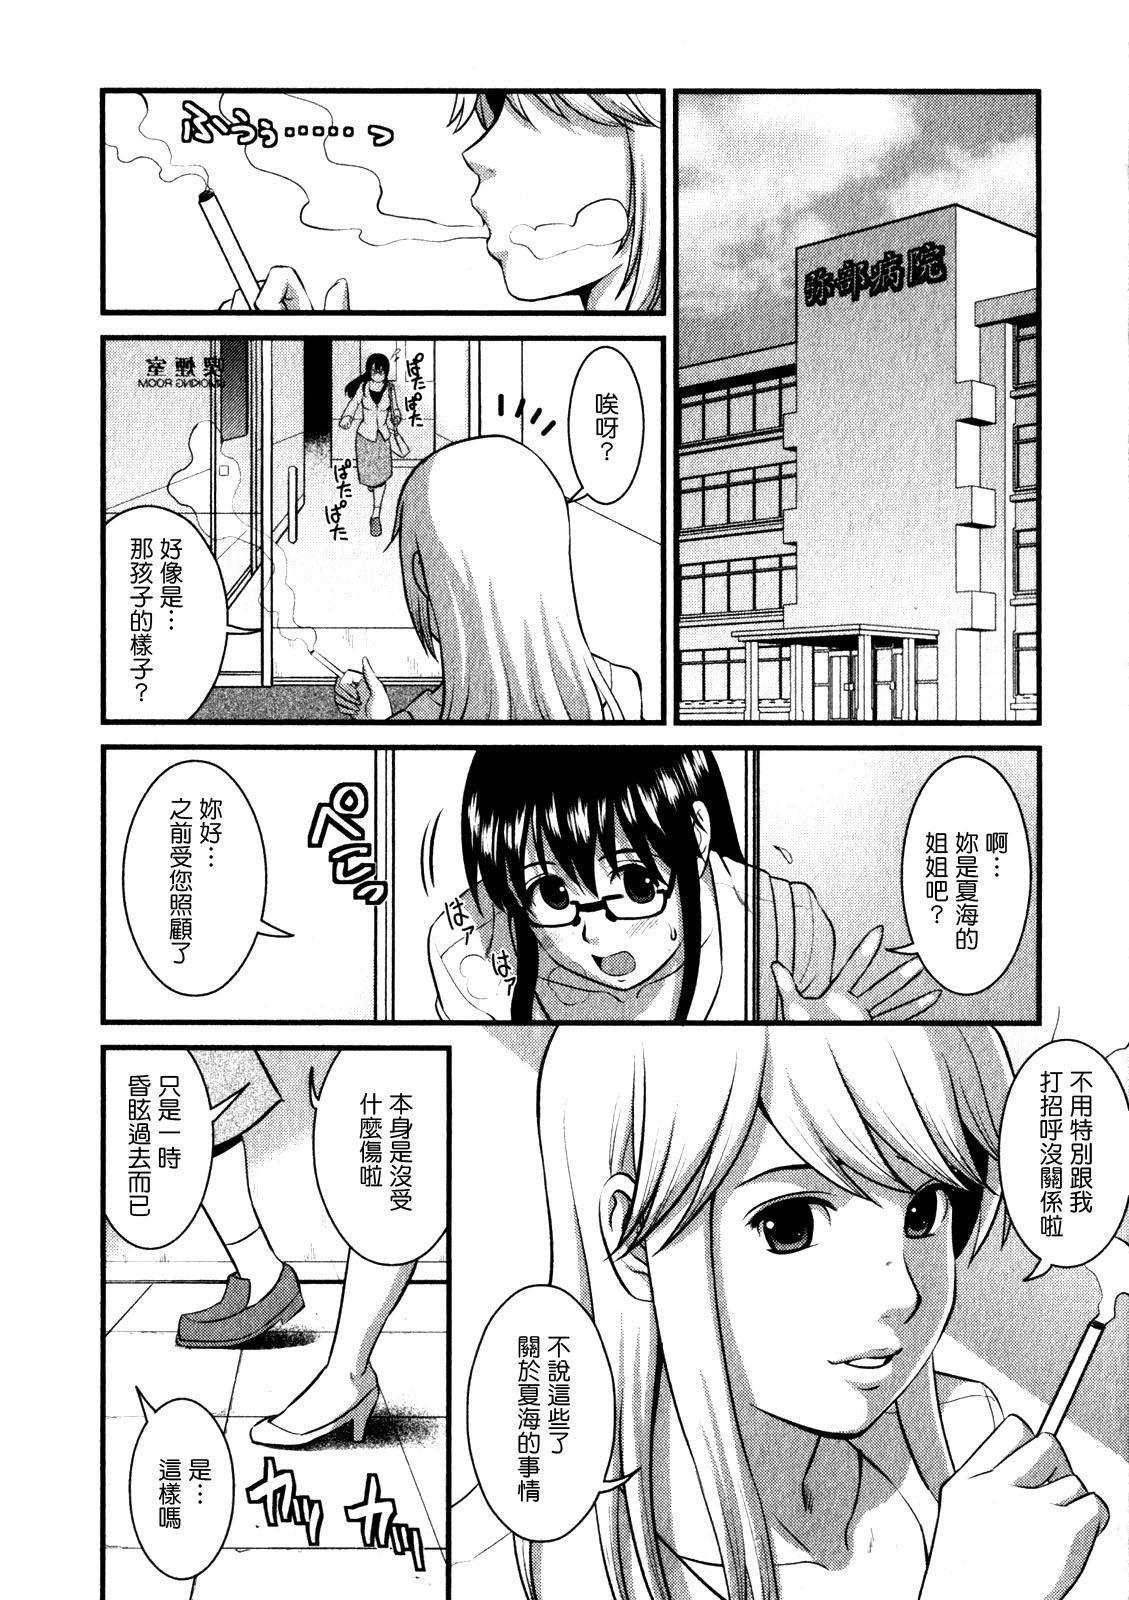 Otaku no Megami-san 1 169